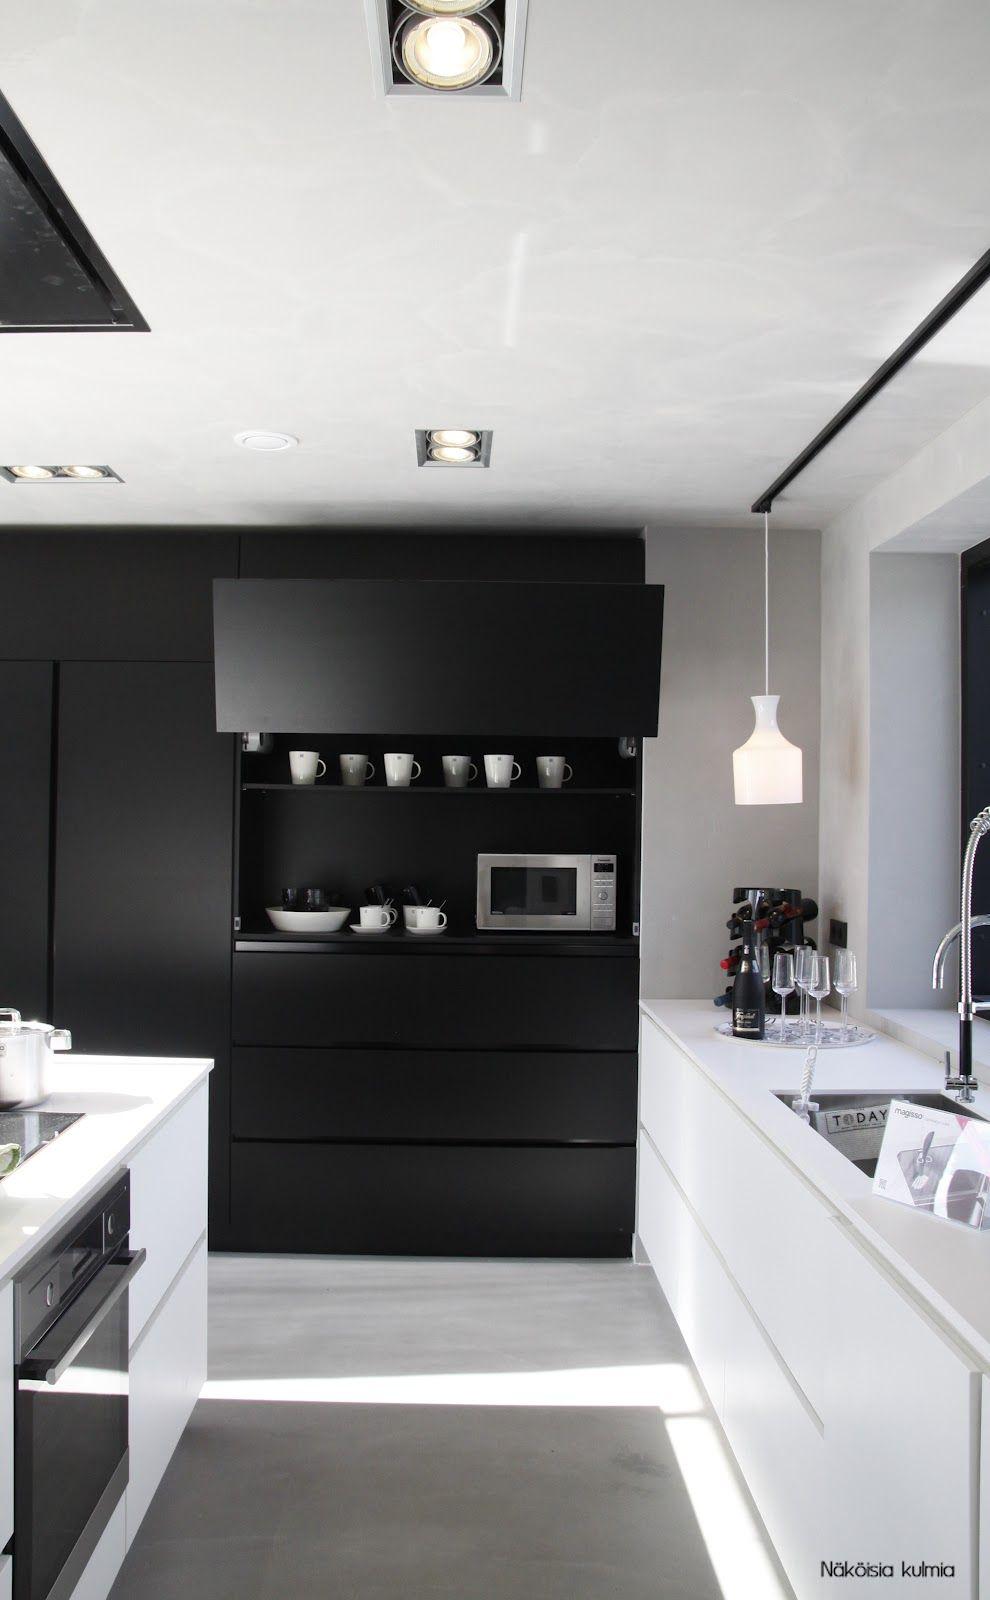 Cuisine Décoration Noir Et Blanc. + Sol Gris Clair